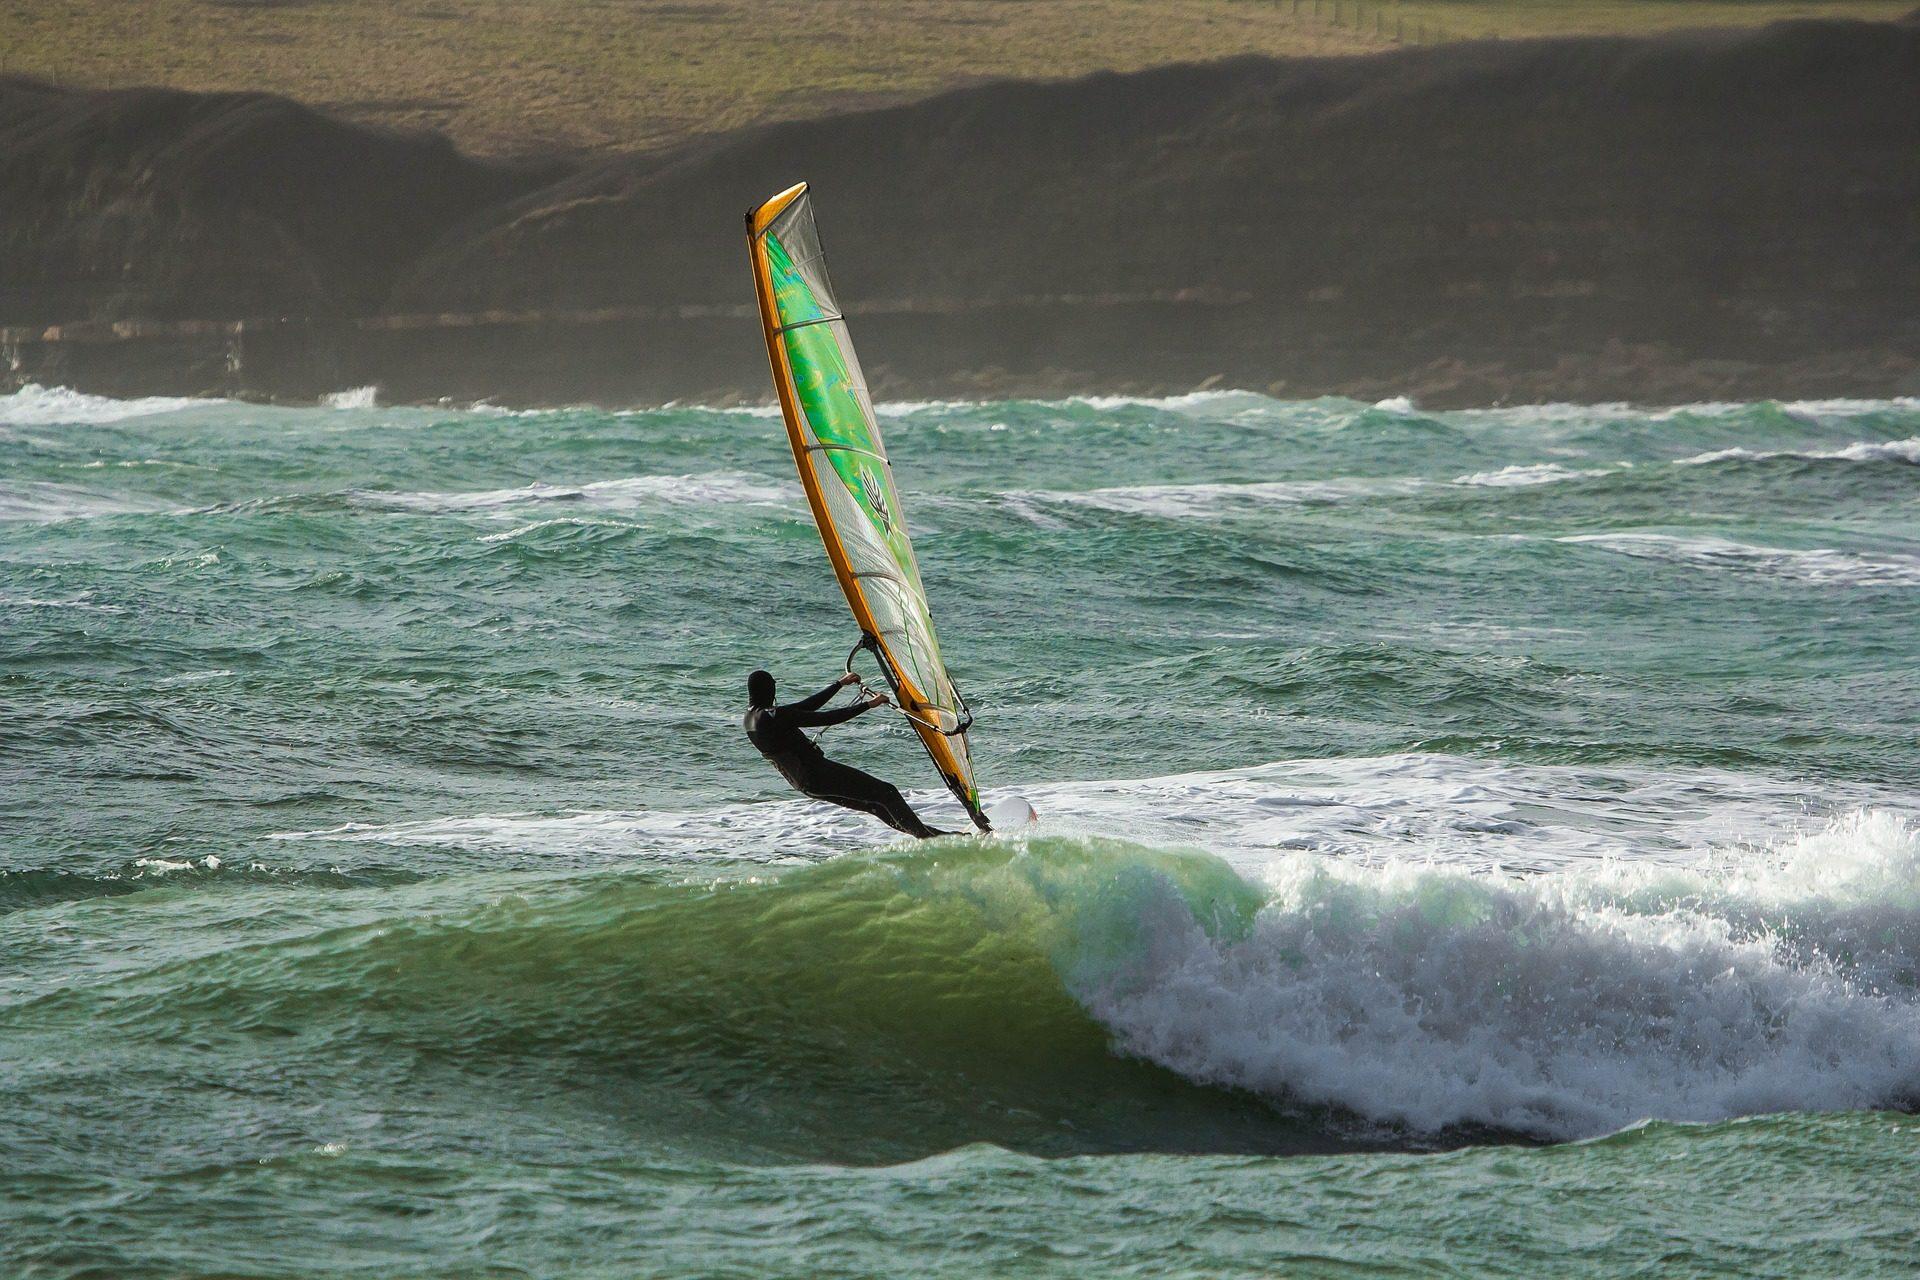 सर्फ, विंडसर्फिंग, लहरें, सागर, जोखिम, पवन - HD वॉलपेपर - प्रोफेसर-falken.com